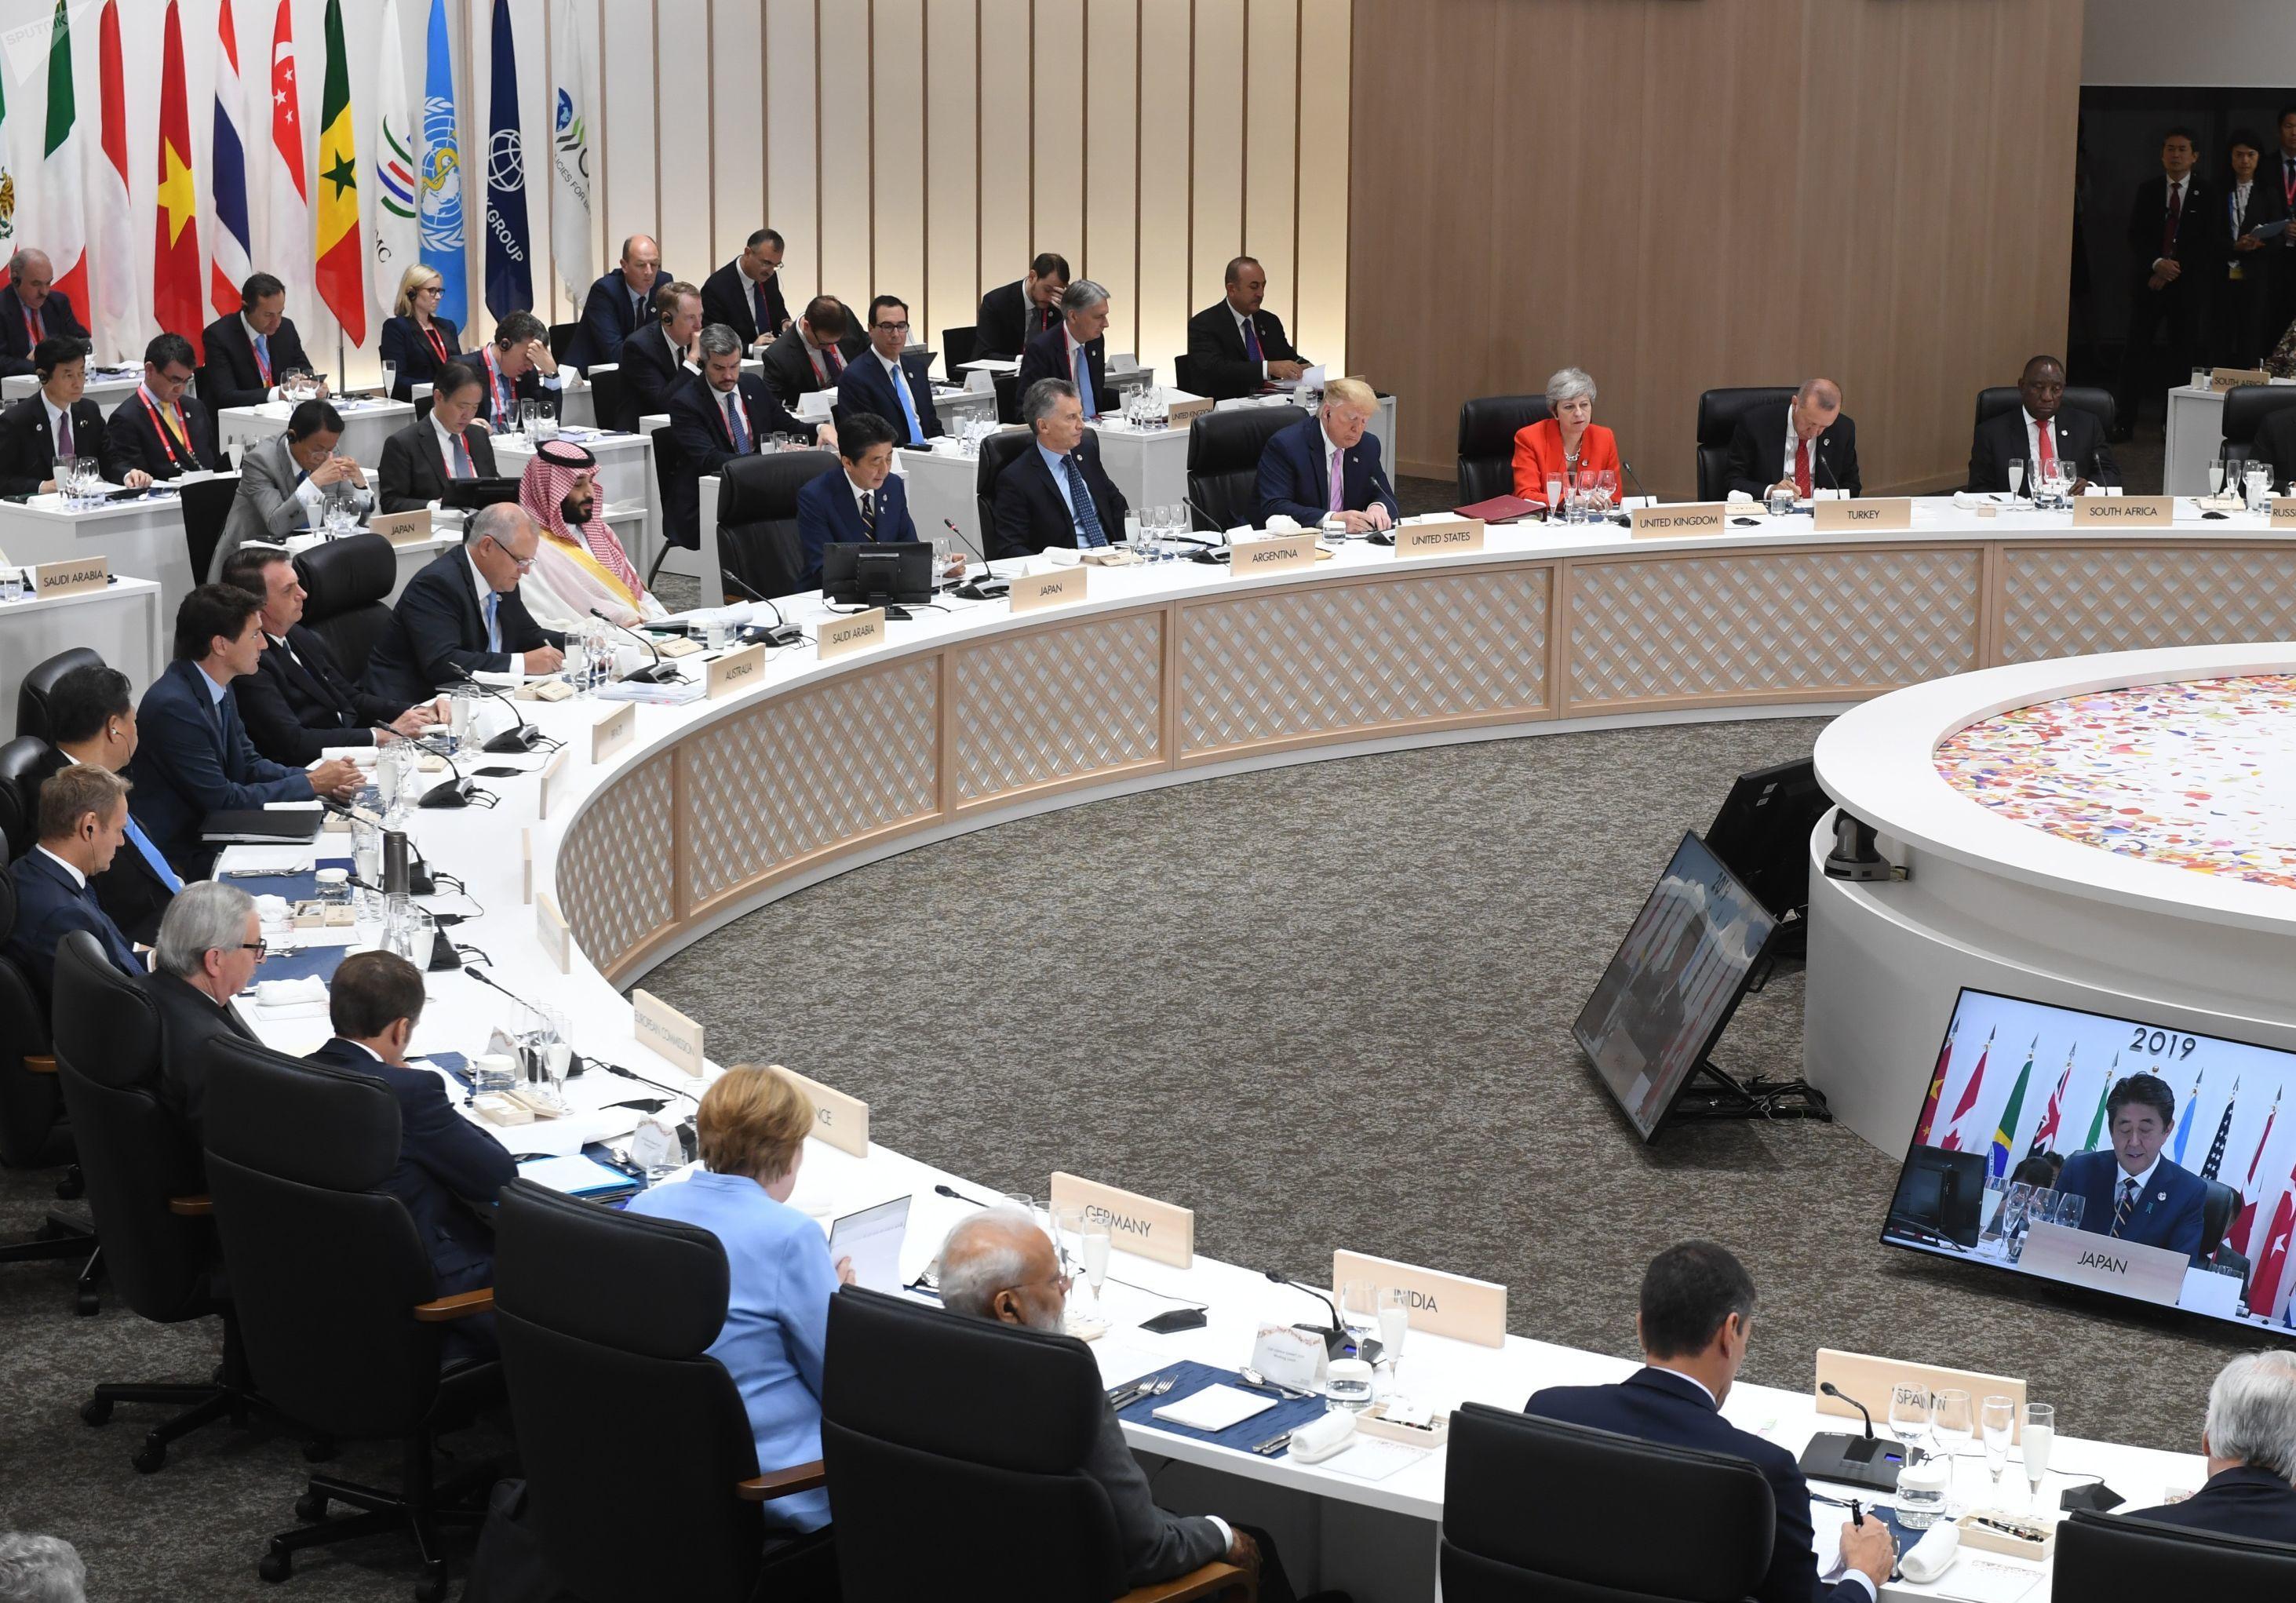 Sommet du G20 à Osaka